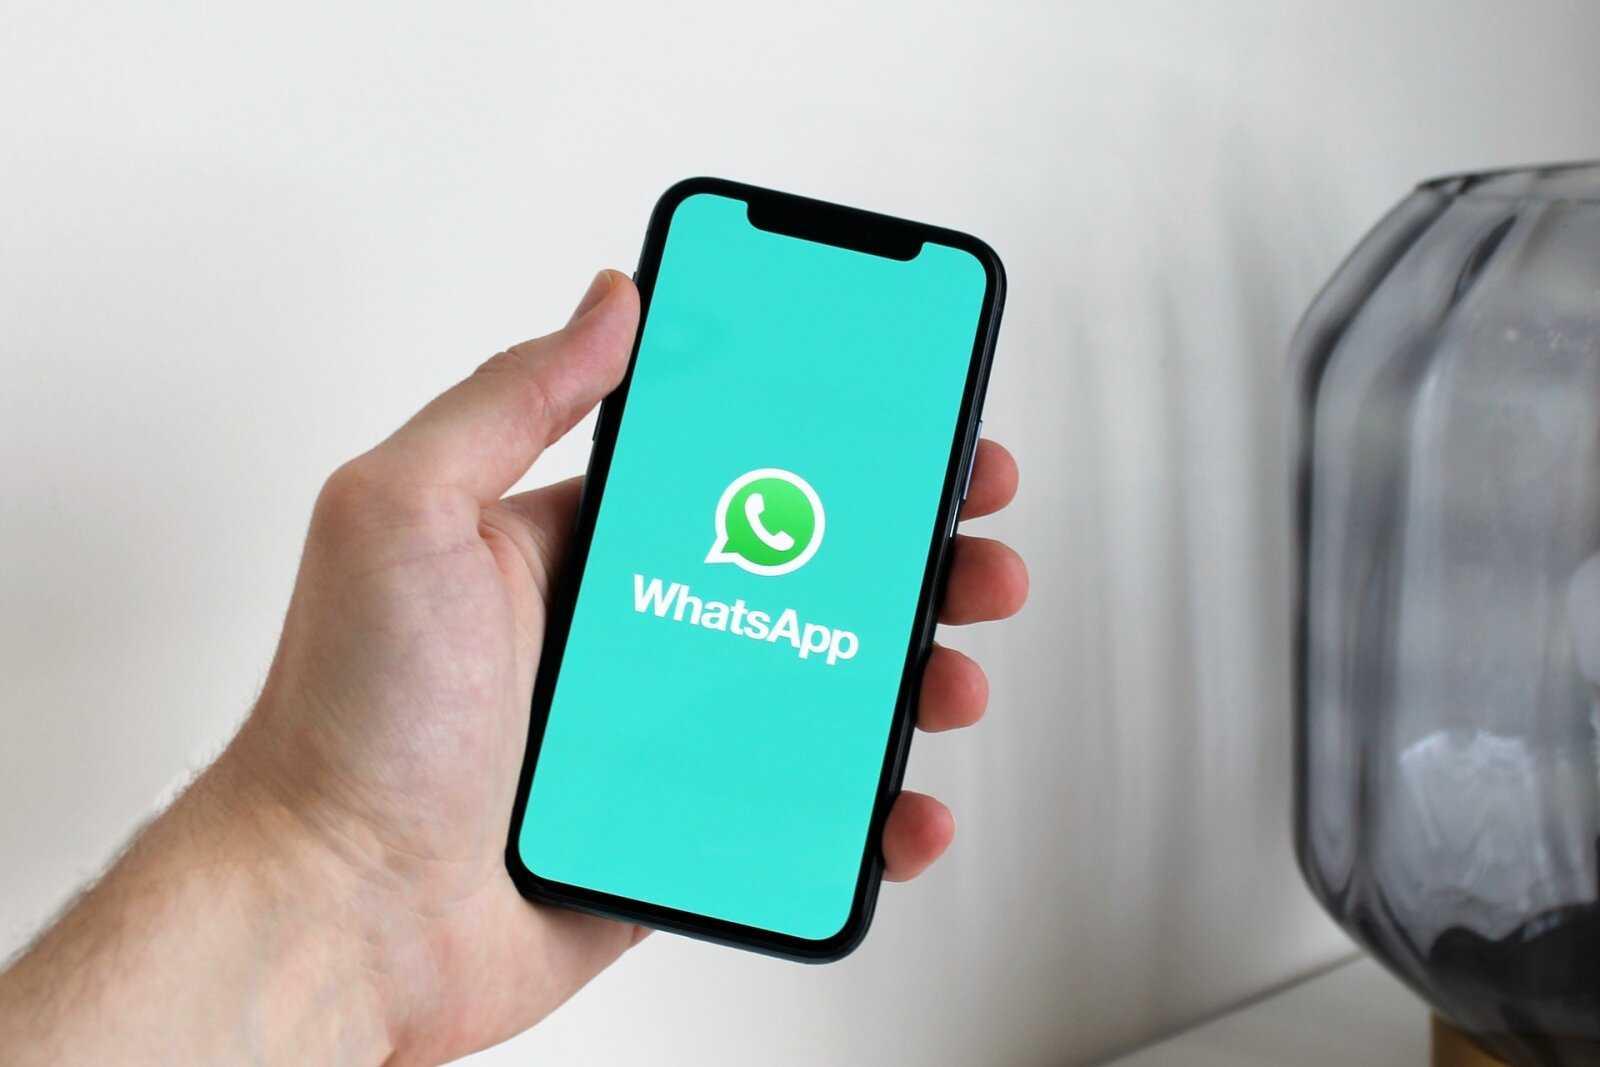 WhatsApp sur un téléphone mobile